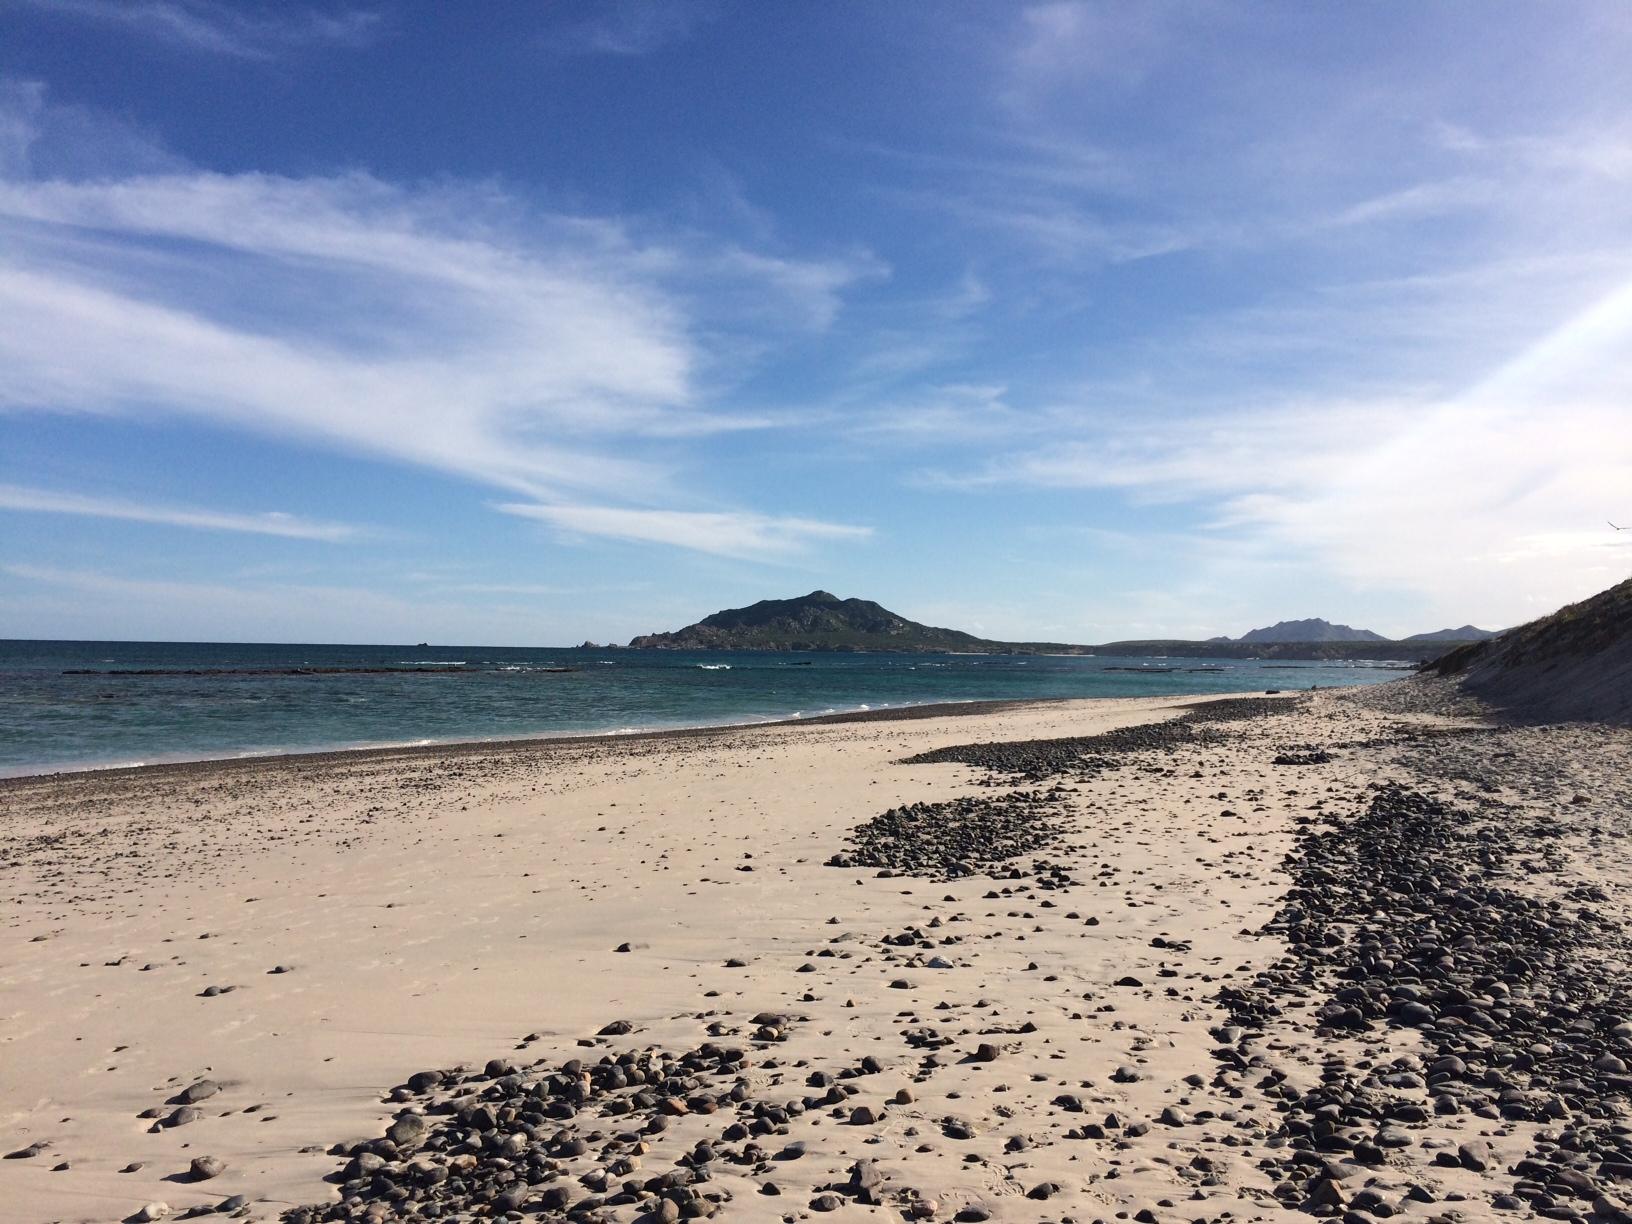 La Ribera Cabo del Este, Baja California Sur, México